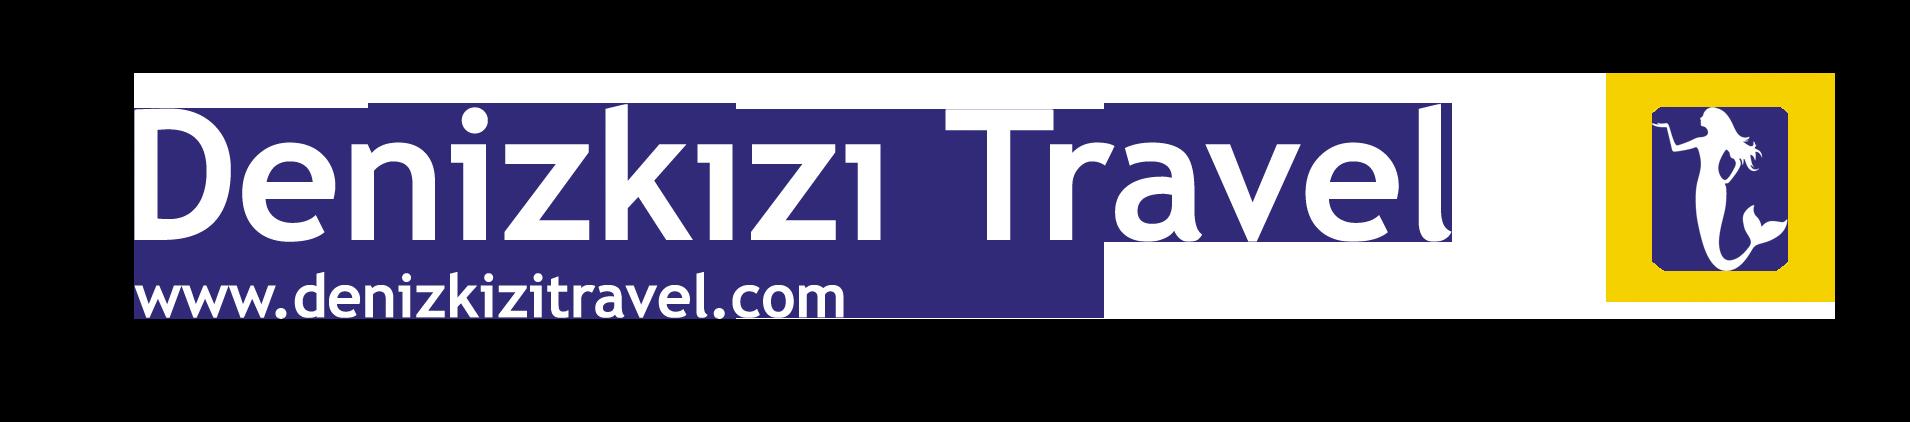 Denizkizi Travel Agency